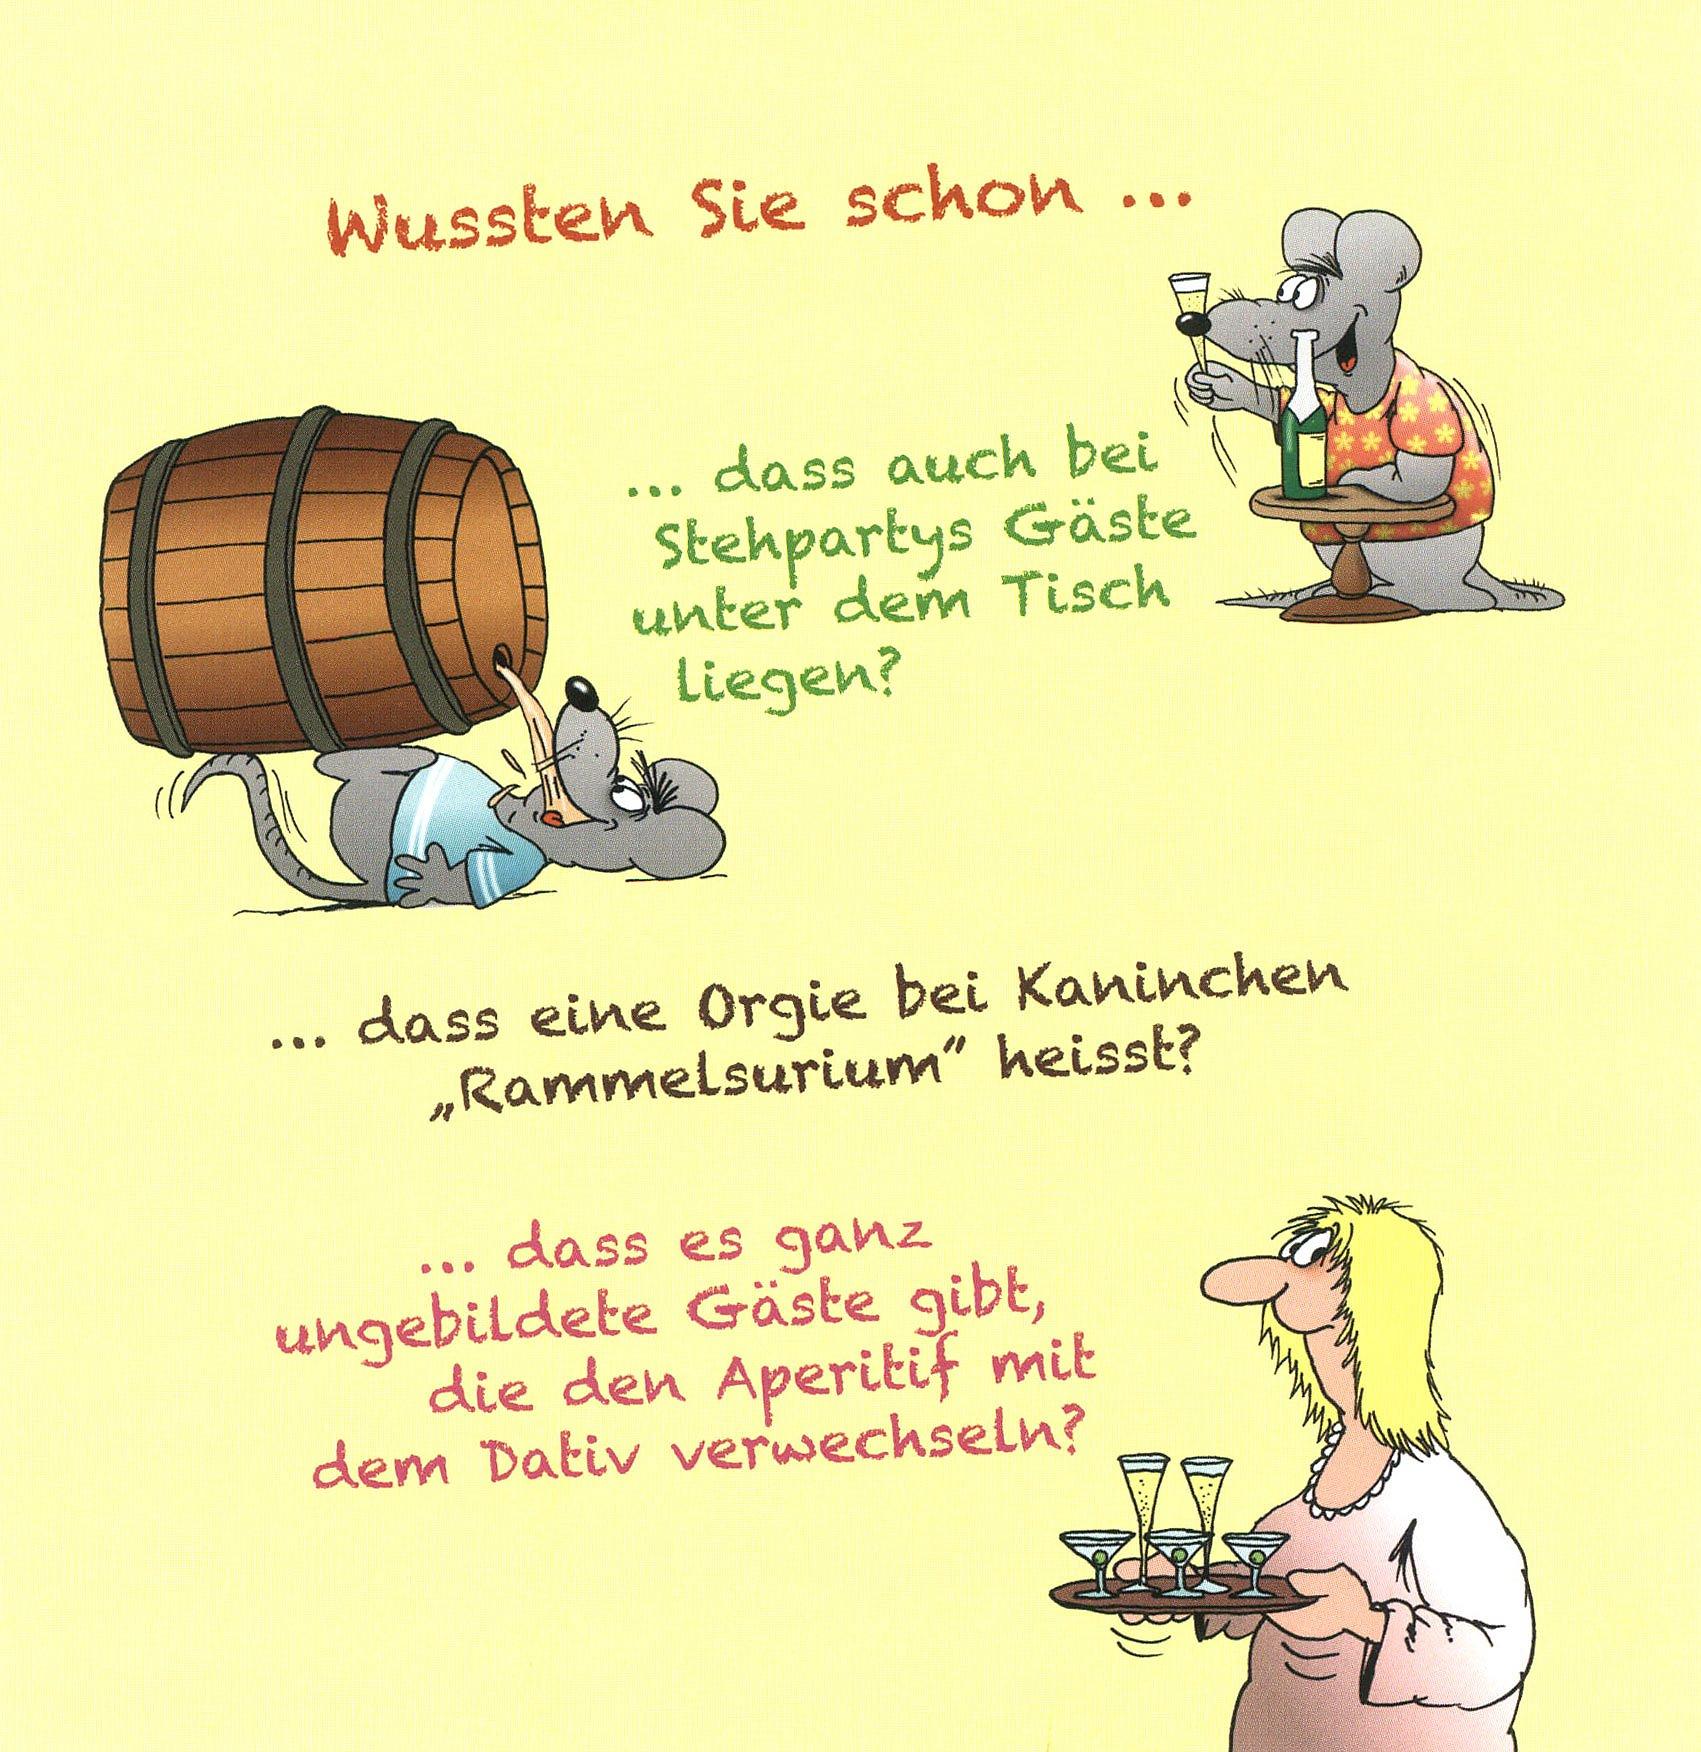 Feiern - Viel Spass! Buch von Uli Stein bei Weltbild.ch